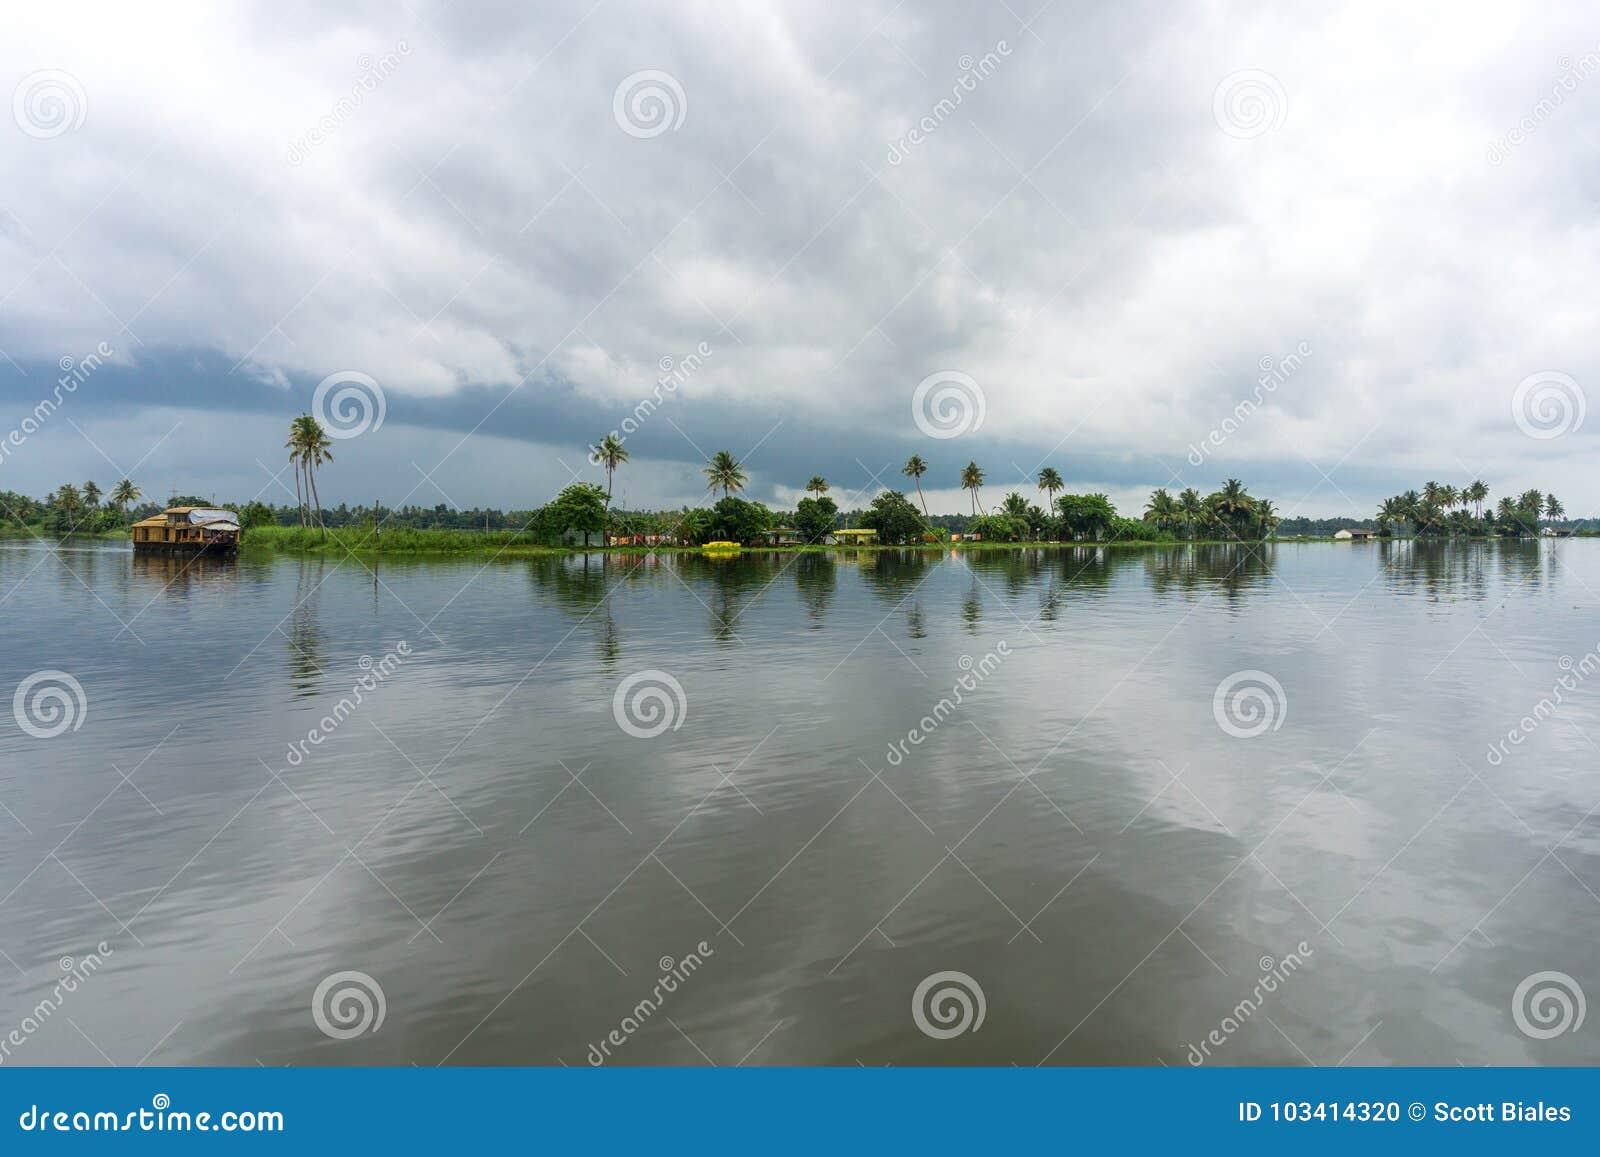 Palmiers et cieux nuageux sur les mares du Kerala